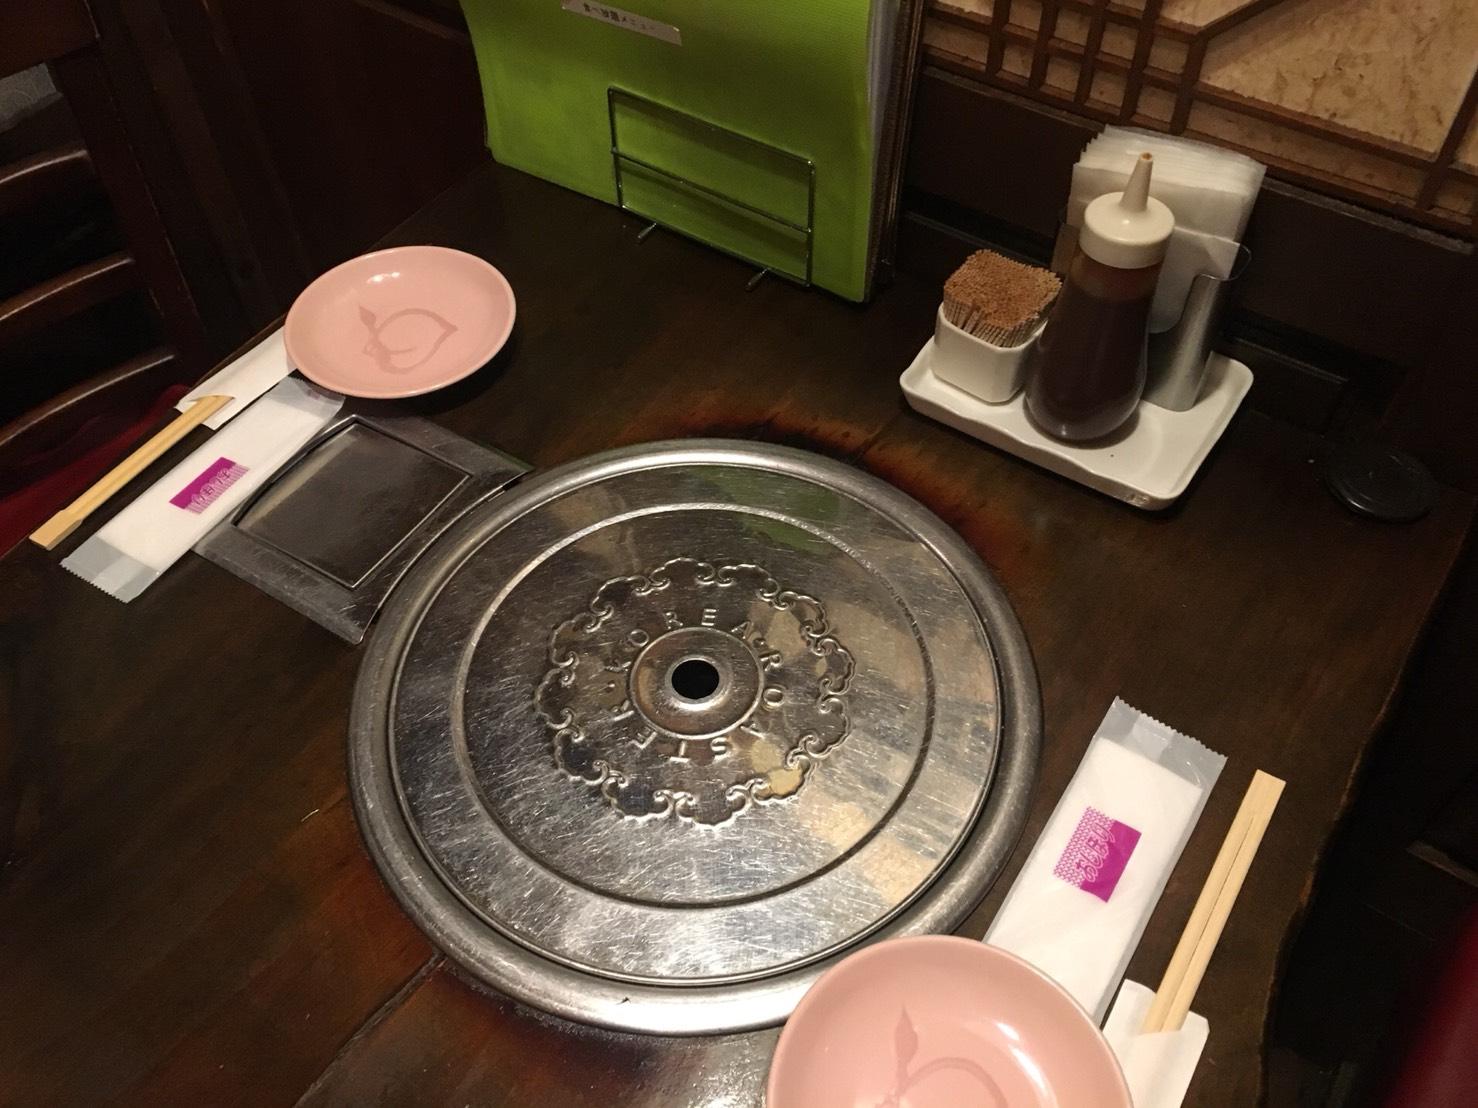 【池袋駅】あの韓国の有名人がきたことで有名!連日女の子たちで賑わう「ハヌリ 池袋」のテーブル席